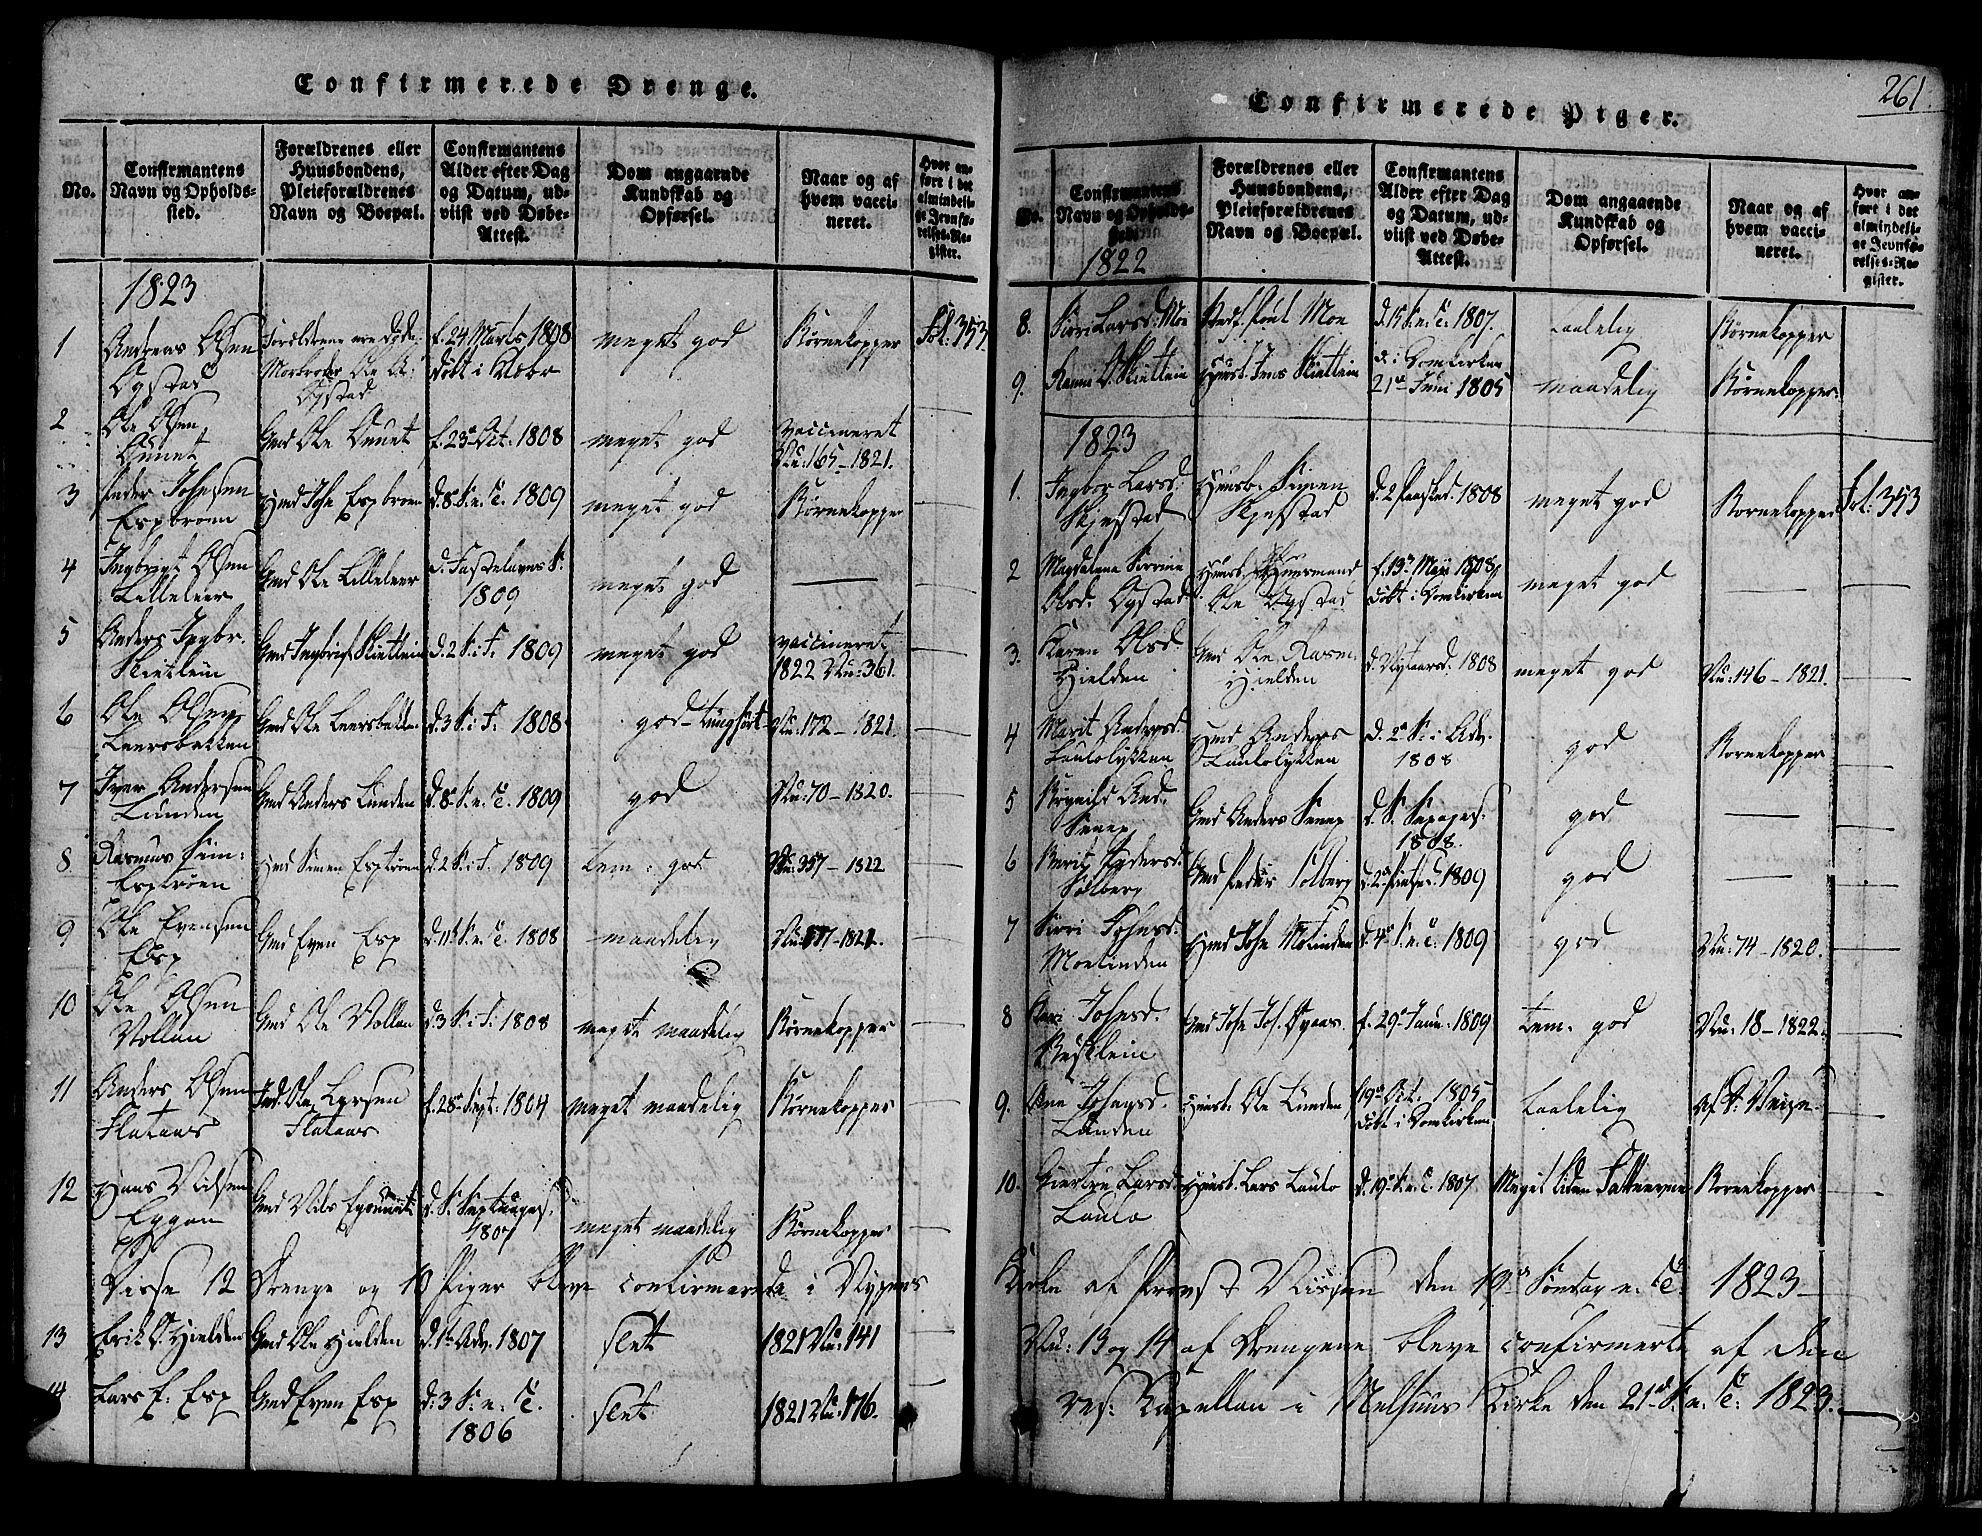 SAT, Ministerialprotokoller, klokkerbøker og fødselsregistre - Sør-Trøndelag, 691/L1067: Ministerialbok nr. 691A03 /3, 1816-1826, s. 261